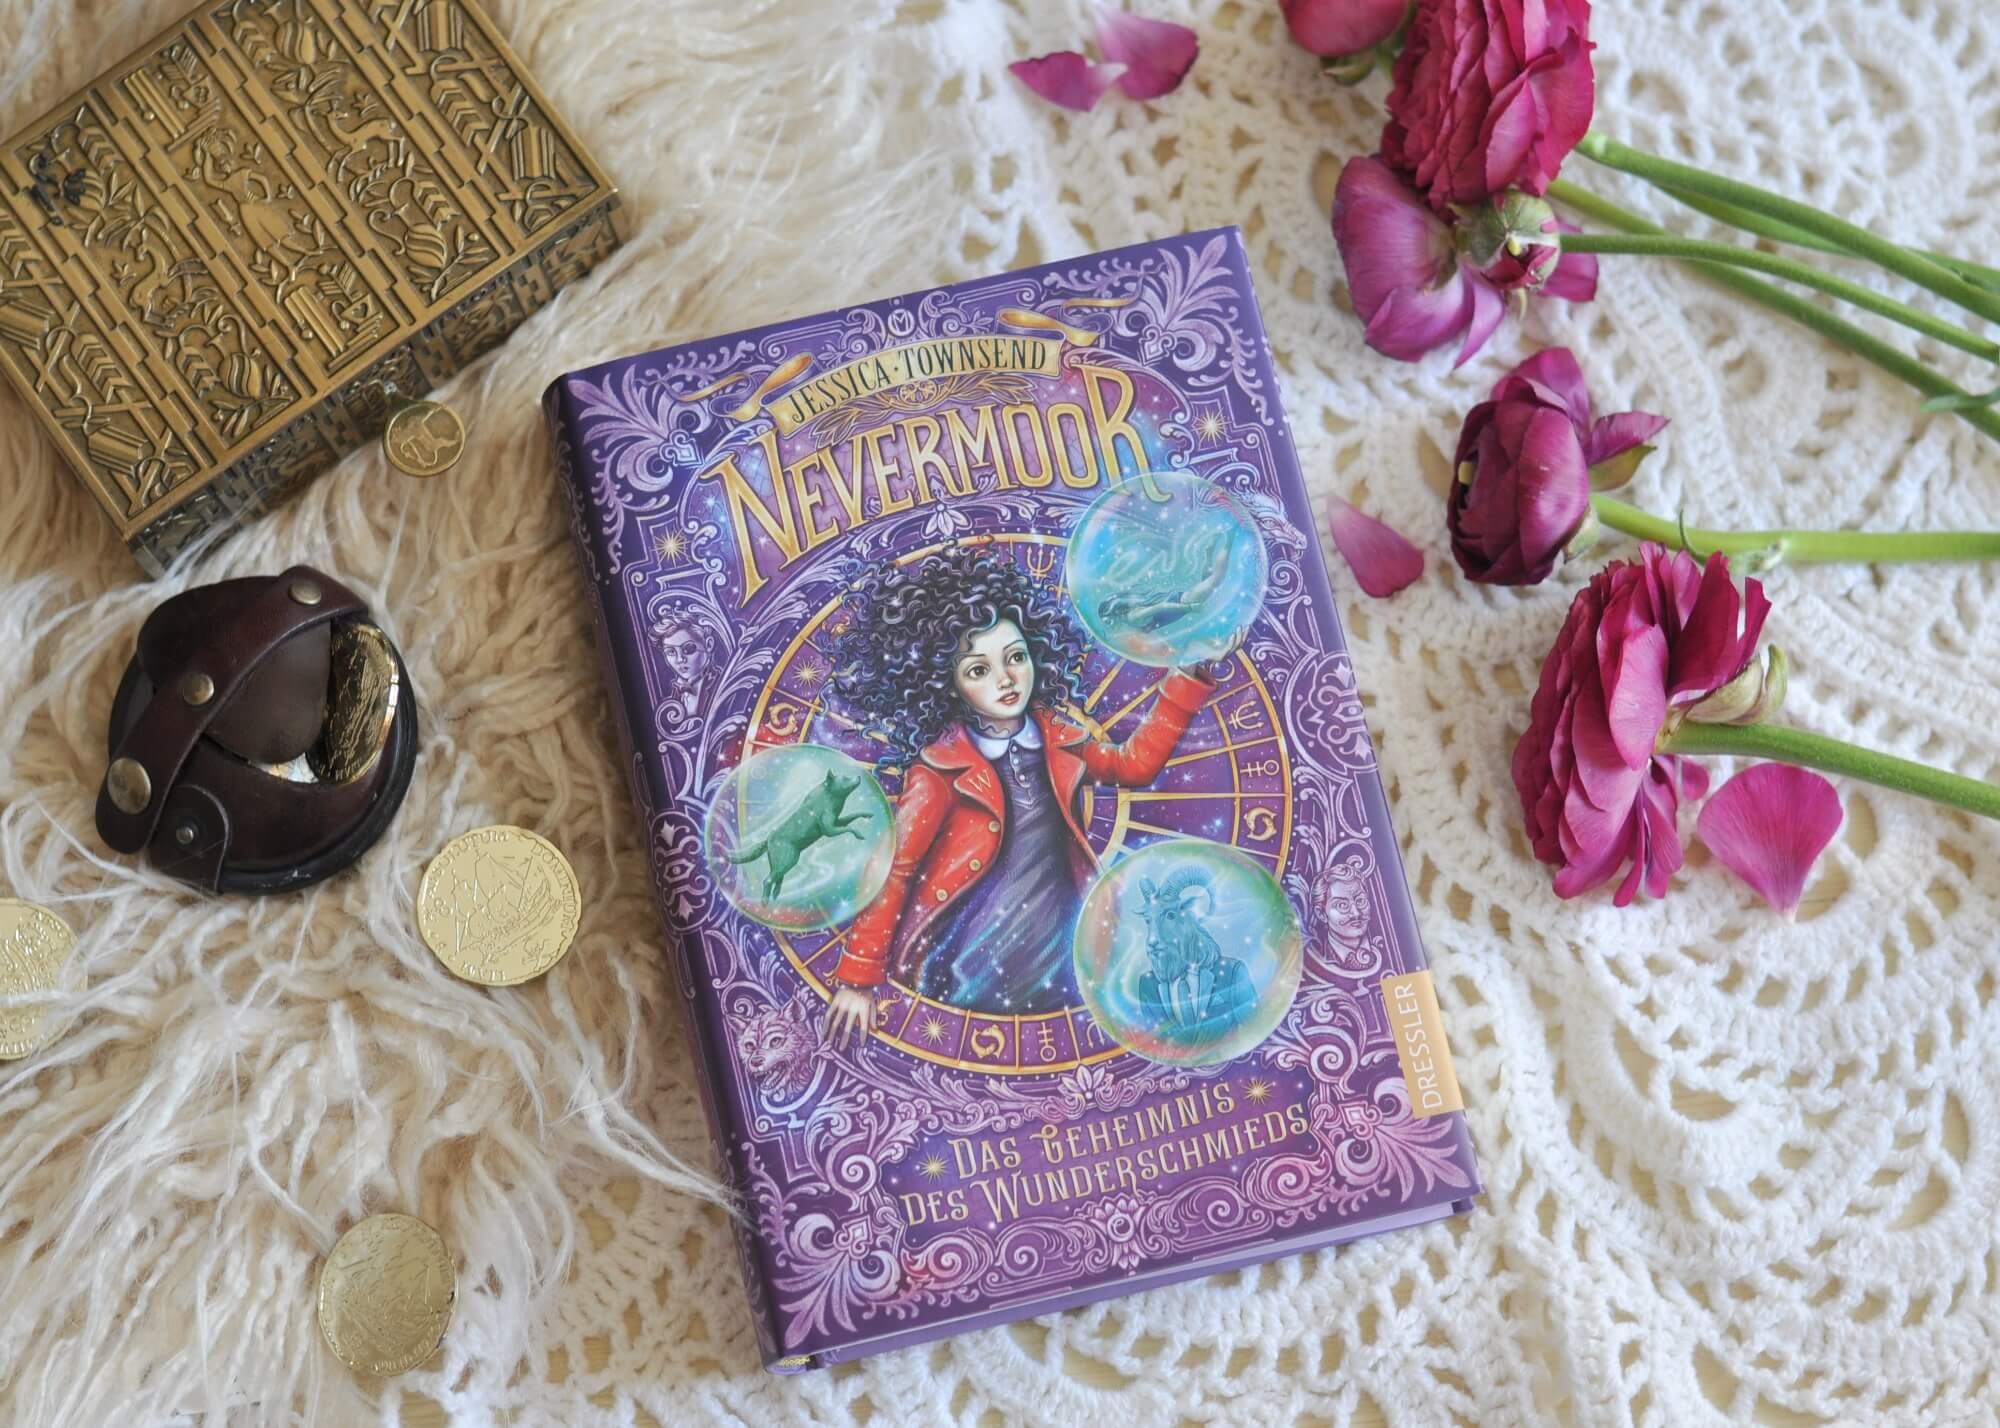 Morrigans Geschichte in Nevermoor geht weiter. Sie muss nicht nur an ihrer neuen Schule zurecht kommen, sondern auch herausfinden, welche Fähigkeiten sie als Wunderschmiedin hat. Und wieder einmal wird sie von anderen ausgeschlossen. Ein grandios spannendes Fantasy-Abenteuer, dass vor allem Potter-Fans gefallen wird. #nevermoor #potter #fantasy #kinderbuch #lesen #vorlesen #abenteuer